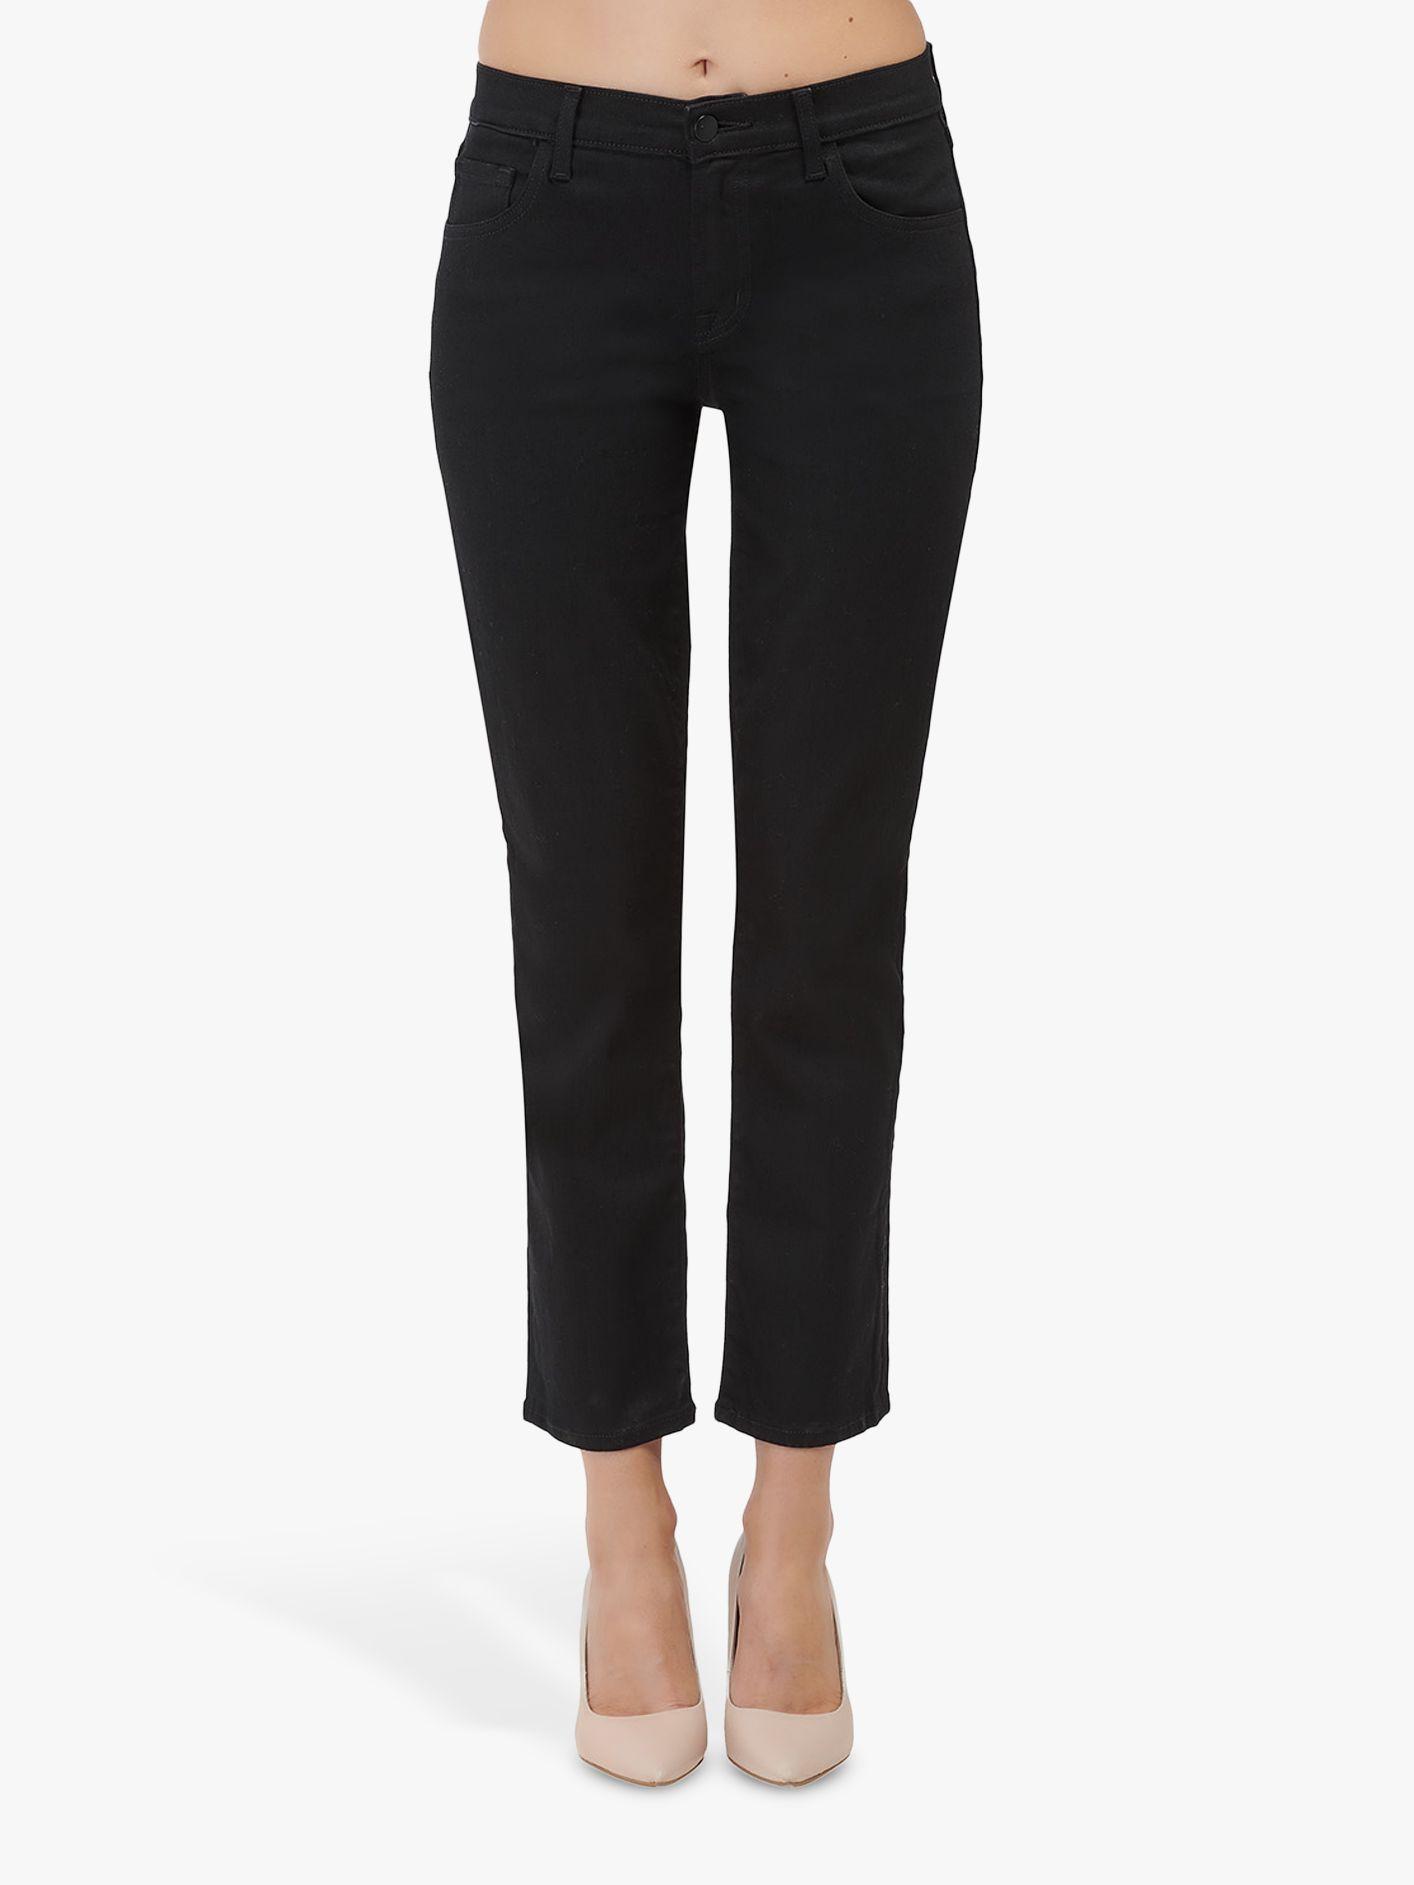 J Brand J Brand Adele Mid Rise Straight Leg Jeans, Vesper Noir